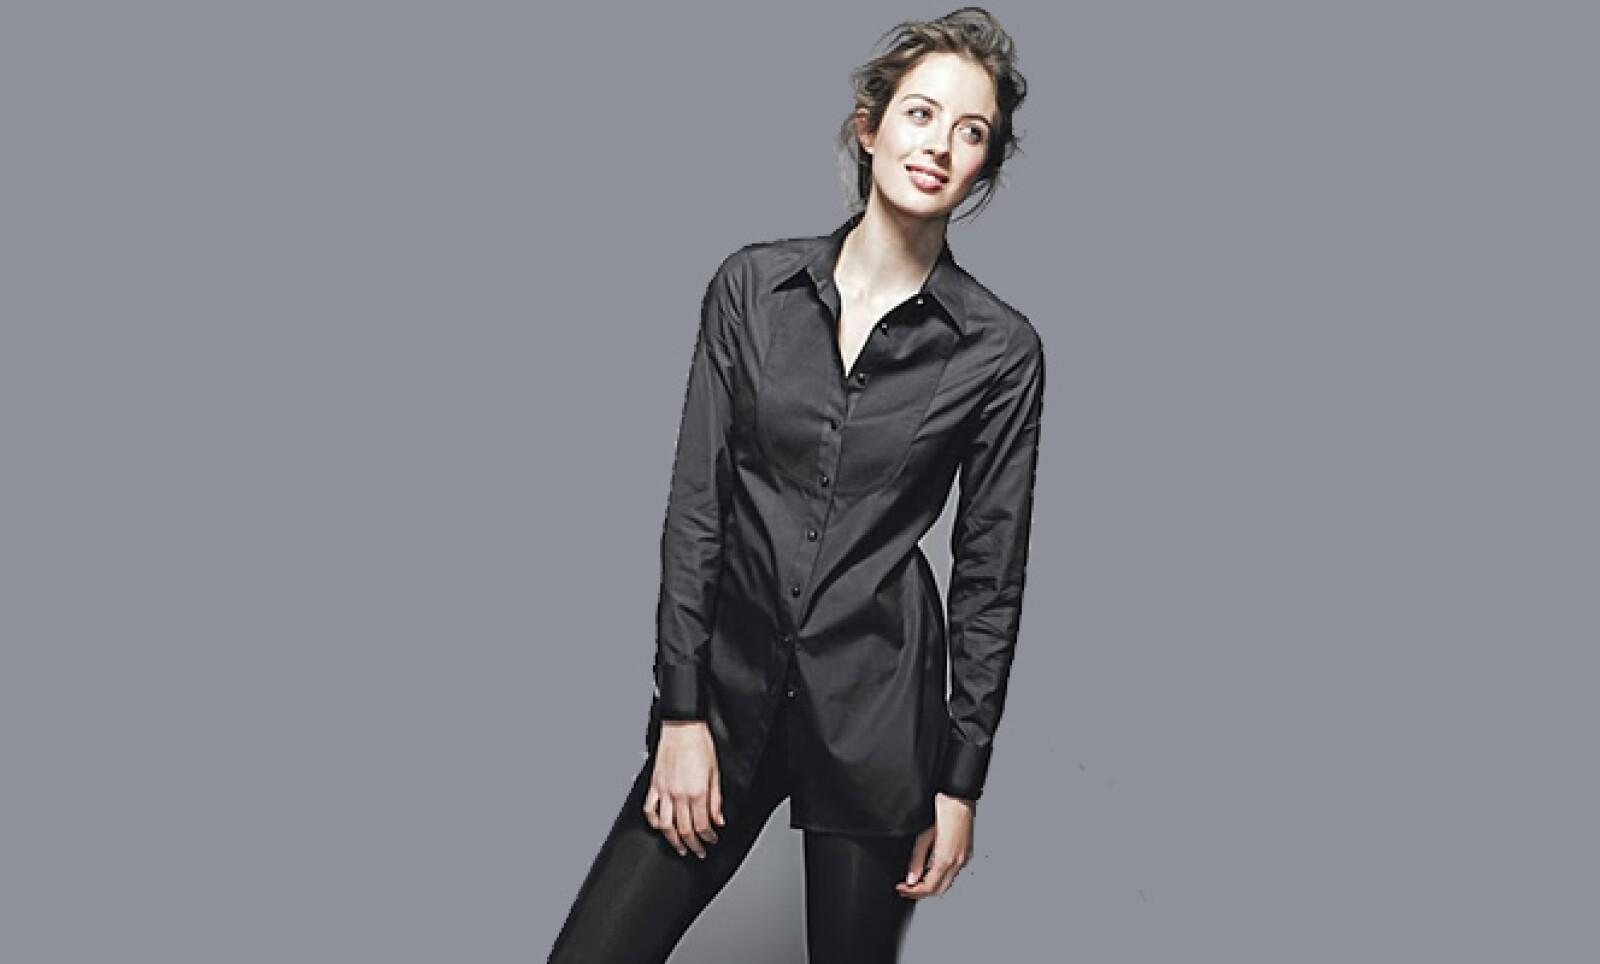 El saco de tweed con dos botones y pantalones de corte relajado es lo más novedoso e incluye detalles de colores contrastantes en el cuello, puños y forros.